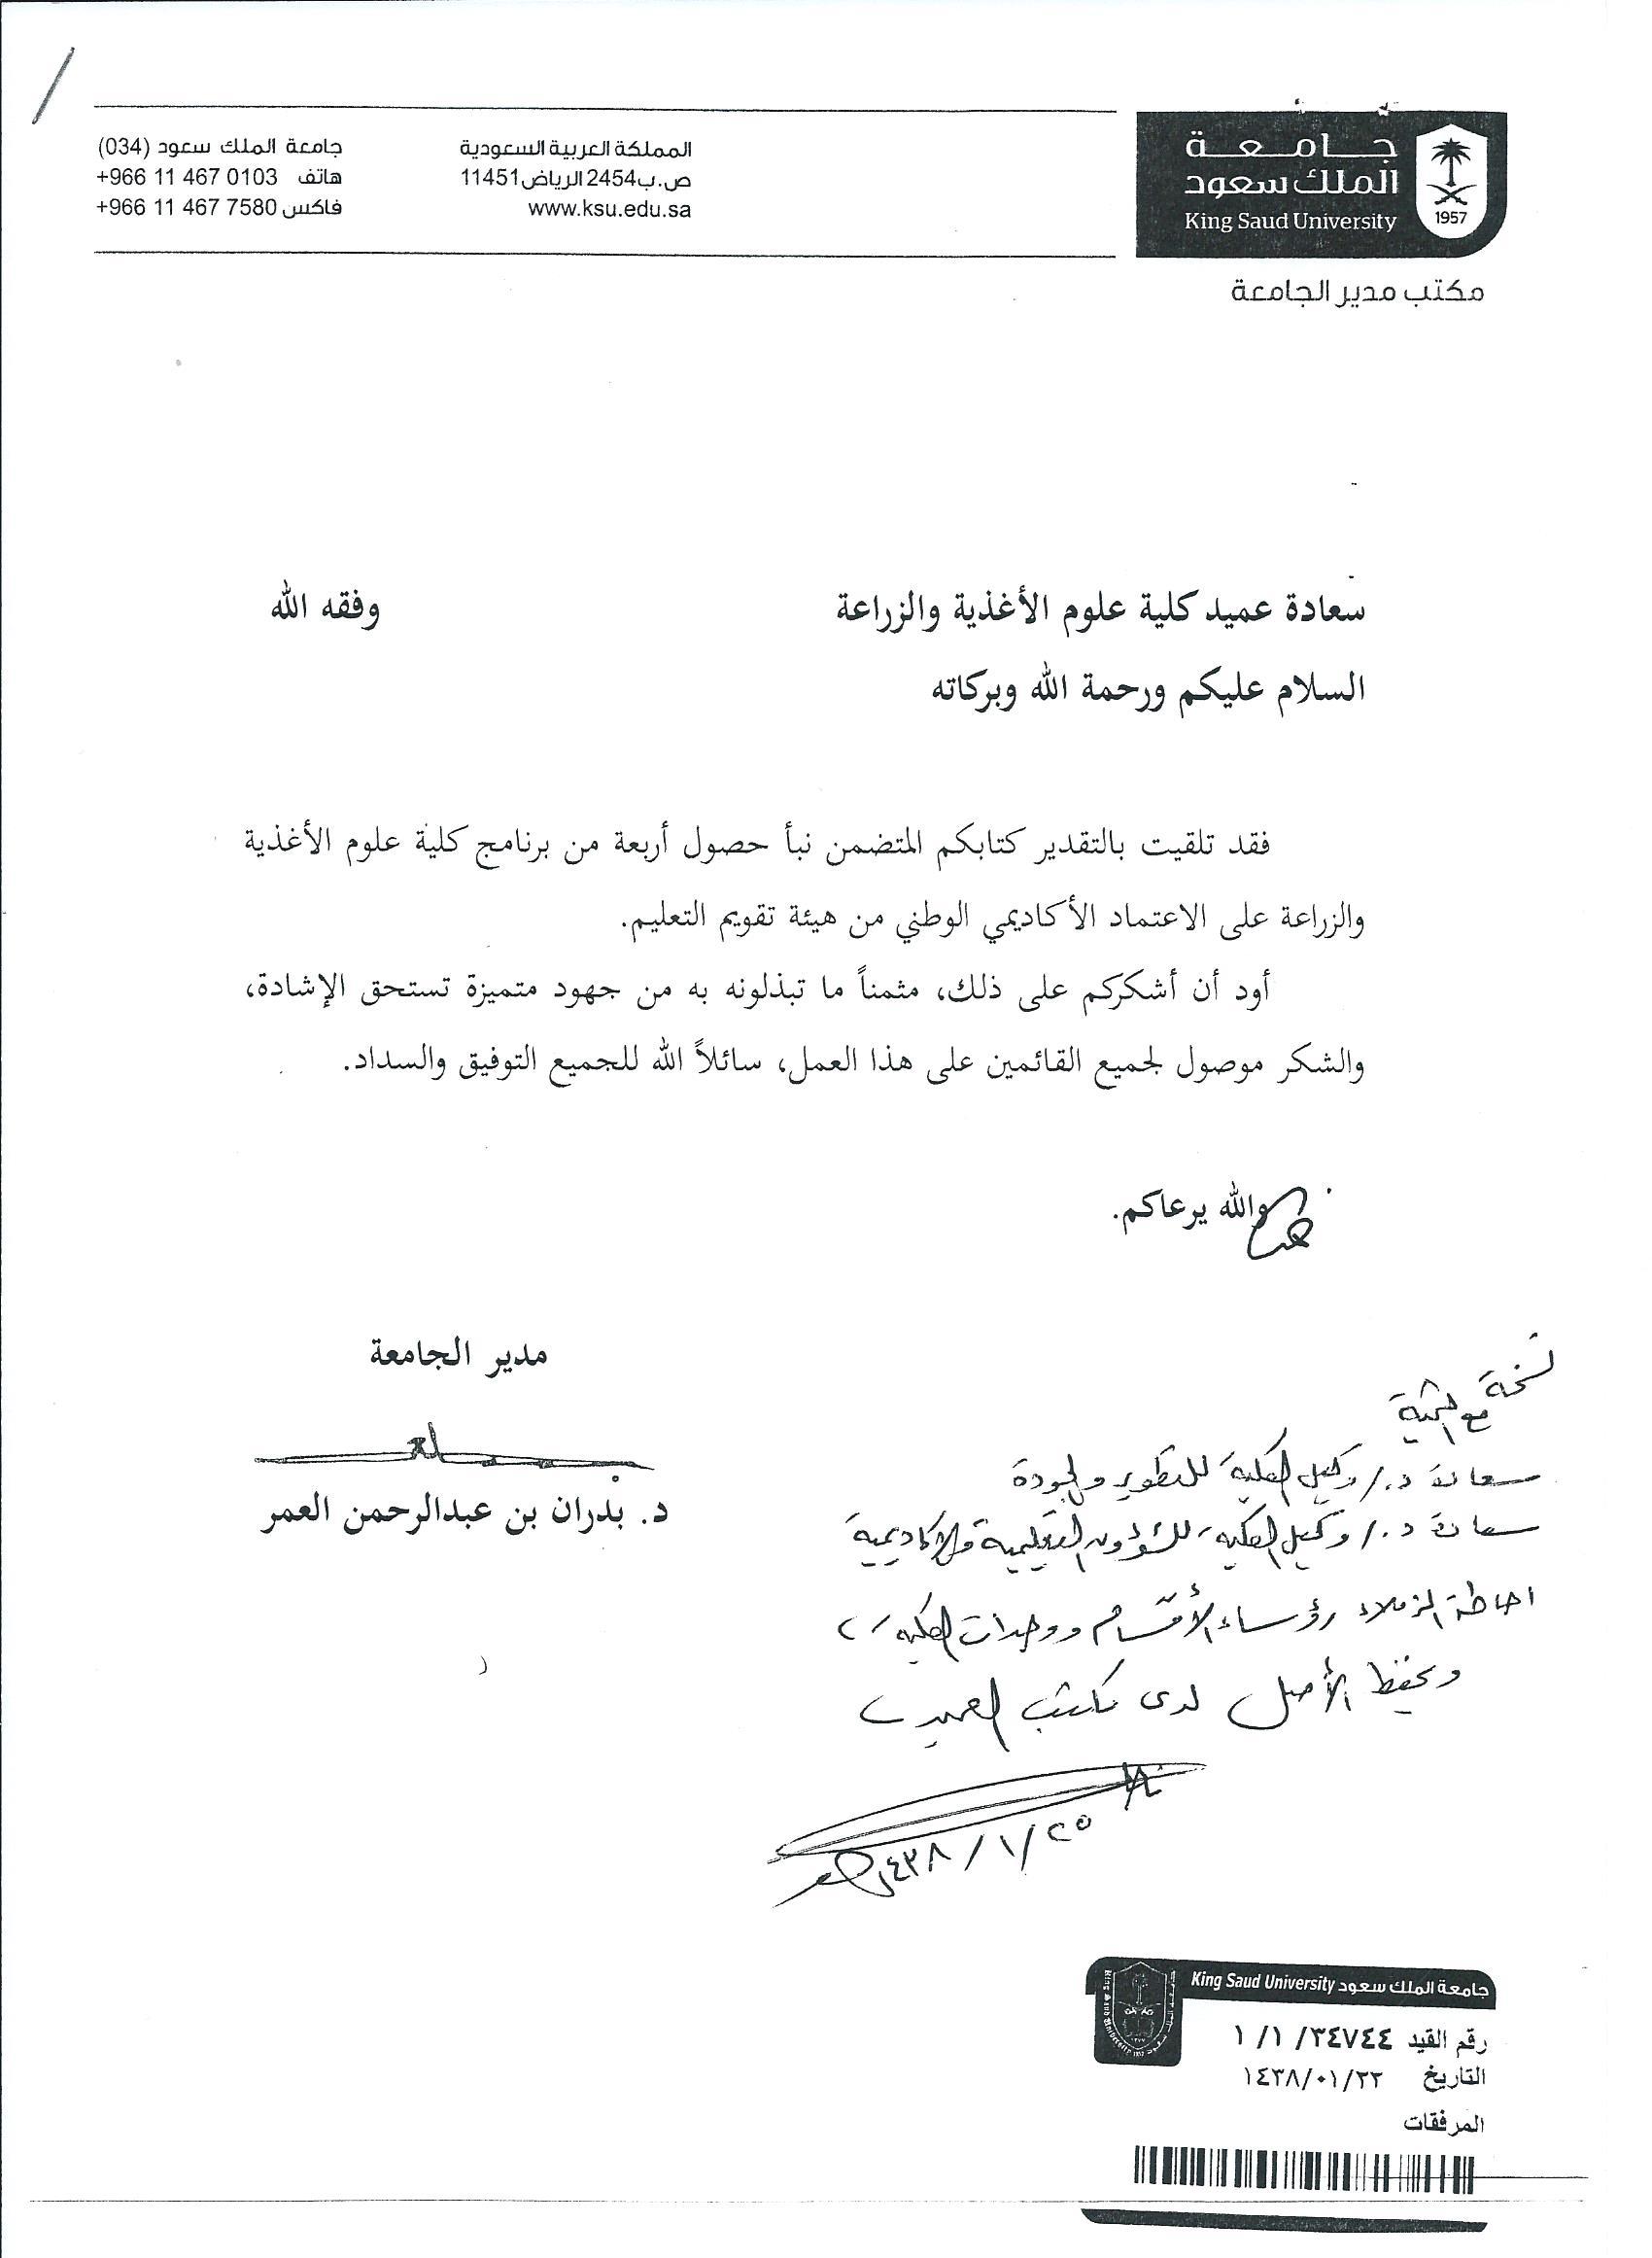 21 - معالي مدير الجامعة يشكر كلية علوم الأغذية والزراعة.